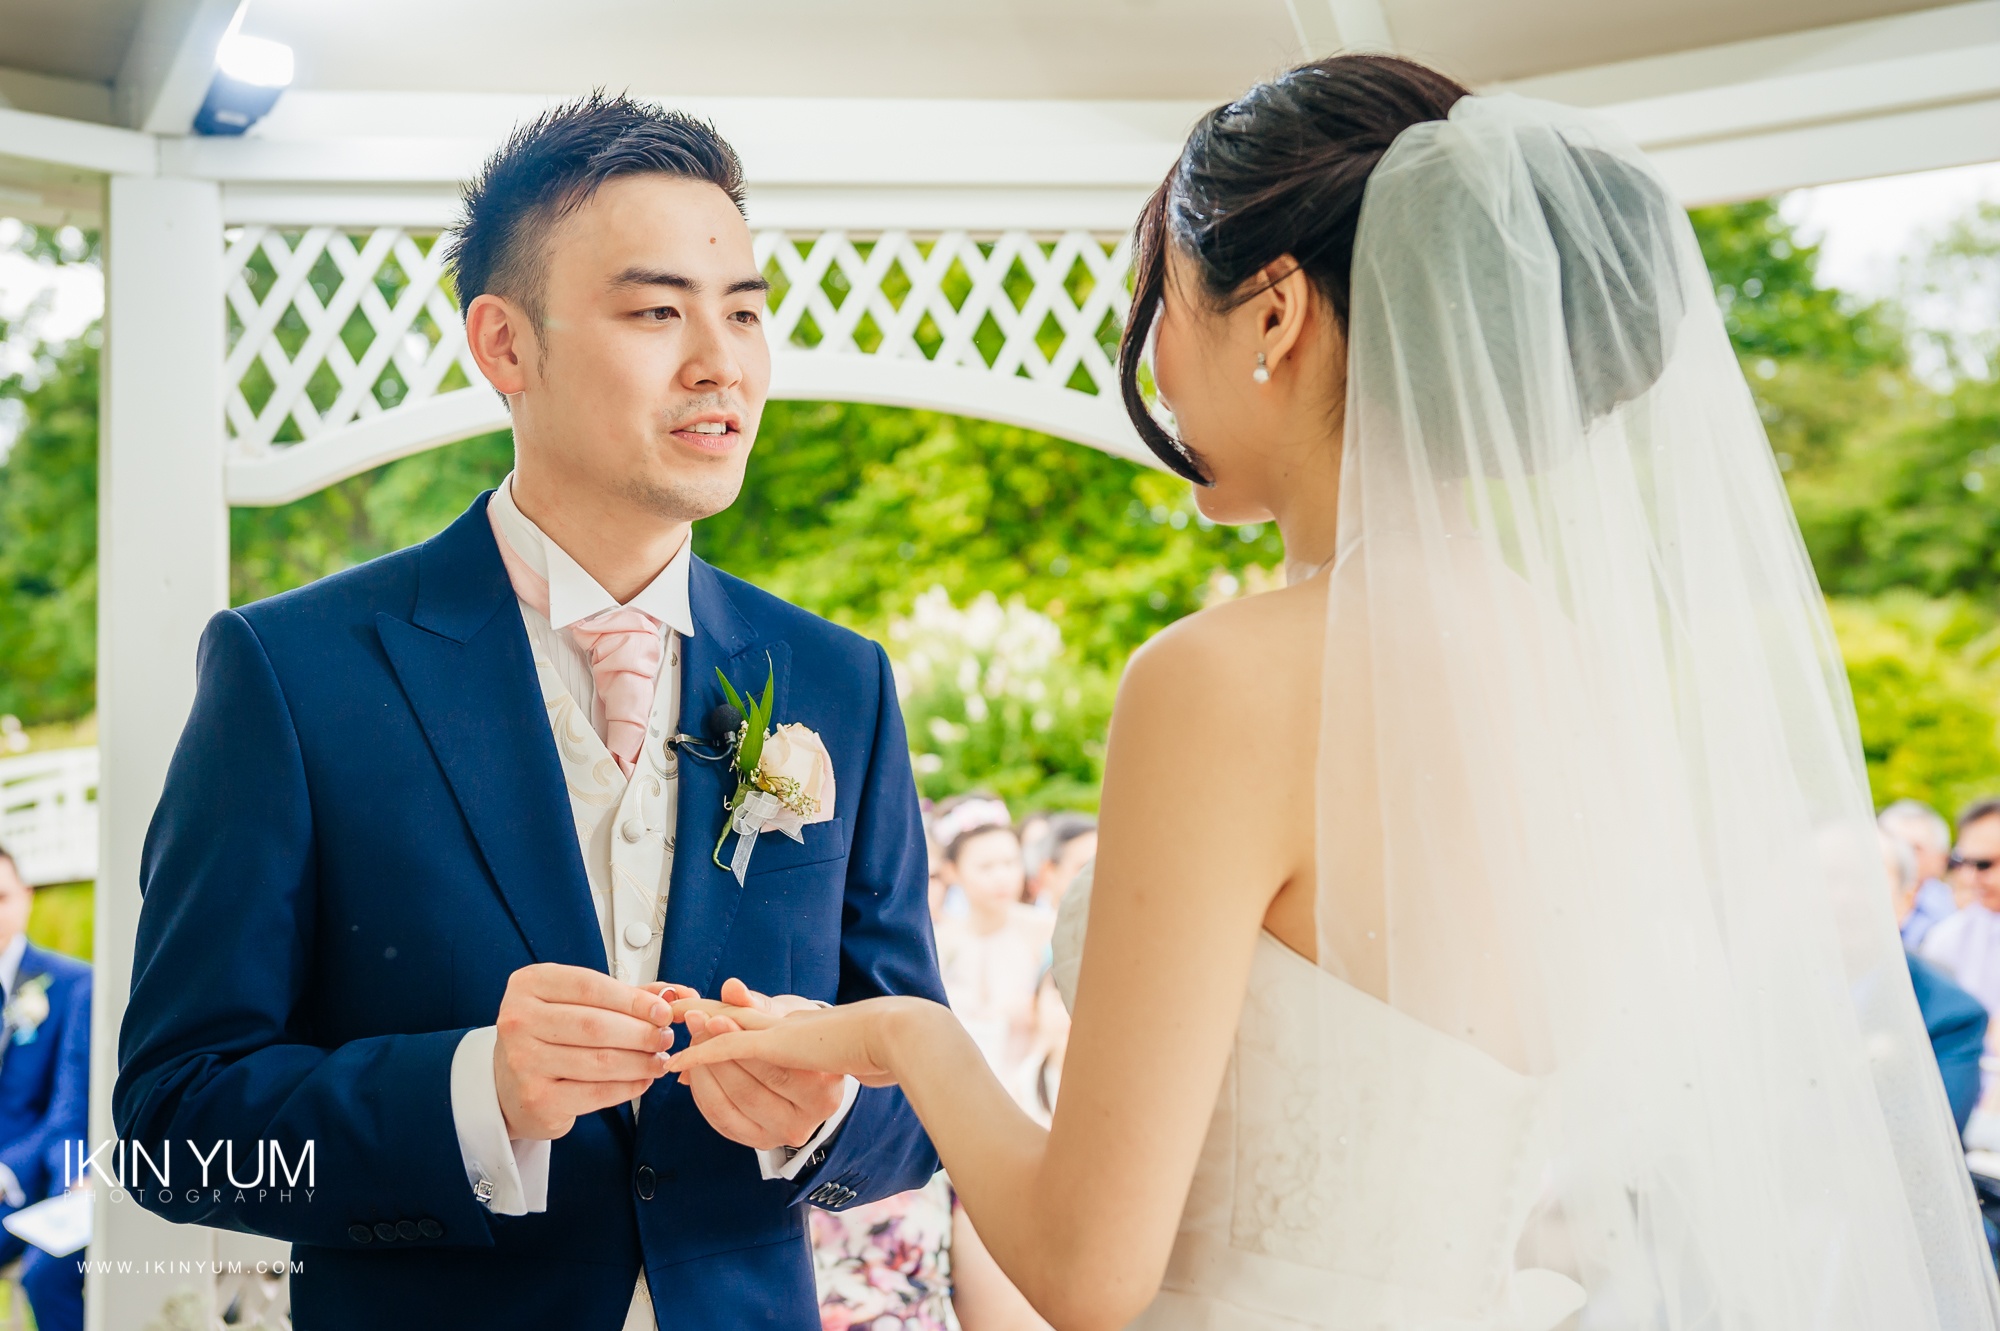 Sylvianne & Chun Wedding Day - Ikin Yum Photography-080.jpg